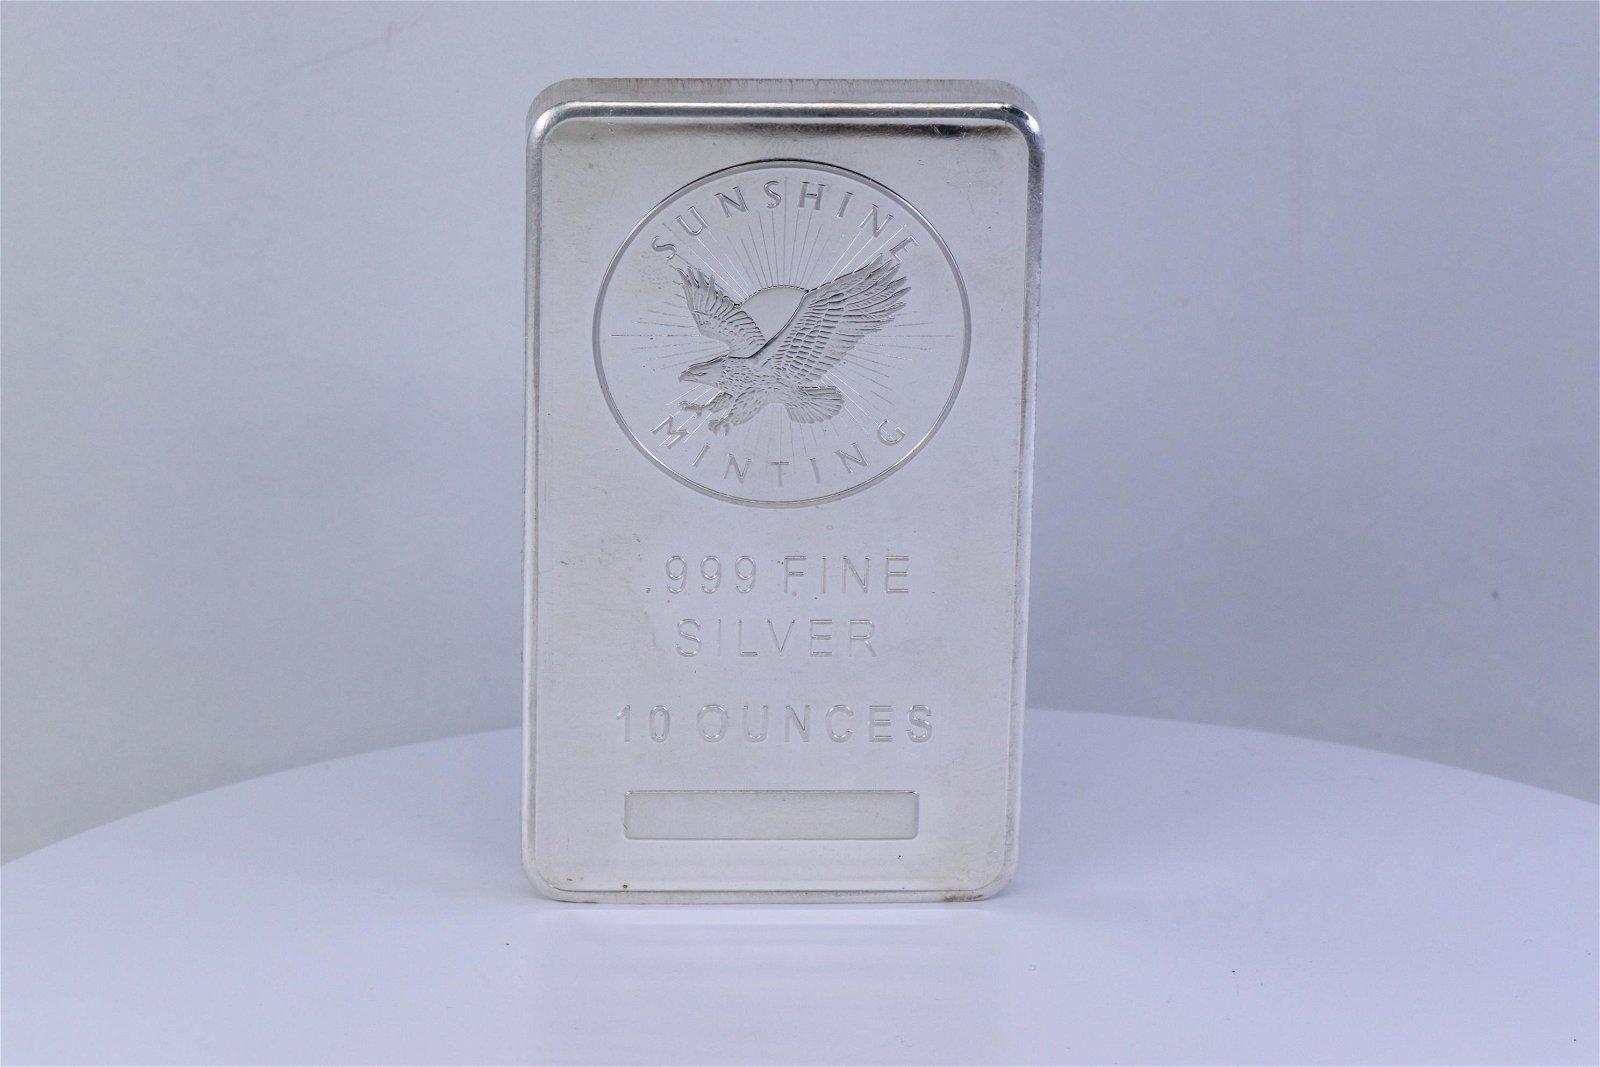 10 Oz Silver Bar - Sunshine Mint .999 Fine Silver Bar